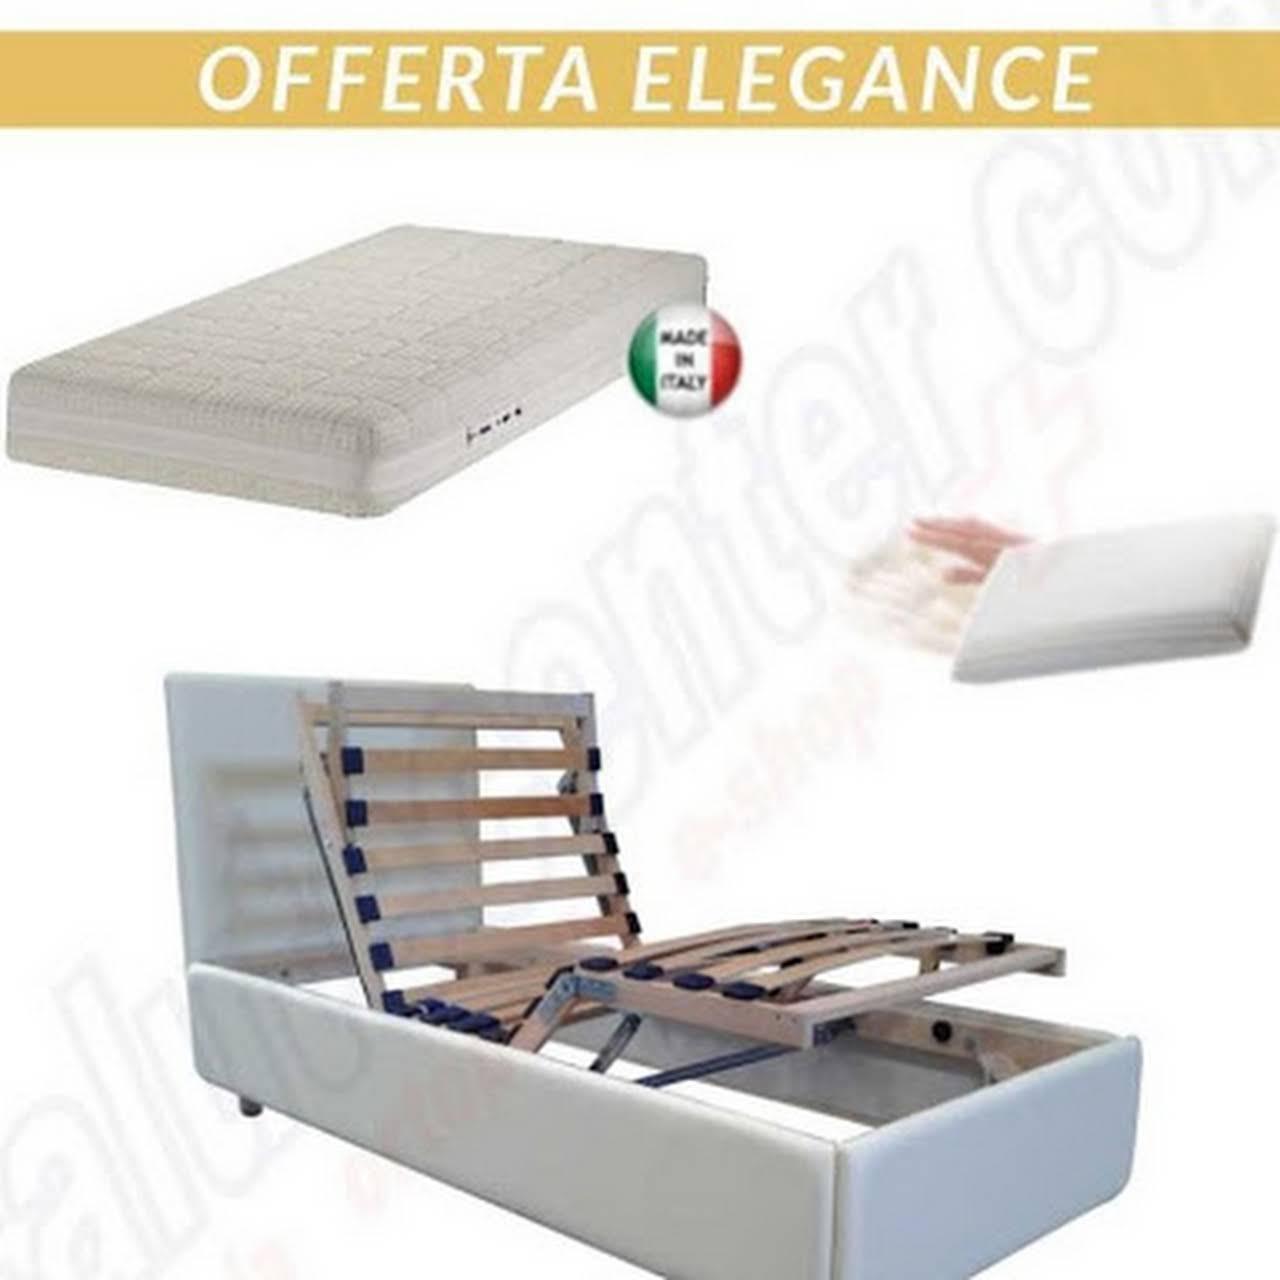 Salute Center Sanitaria Ortopedia E Benessere Servizio Di E Commerce A Verona